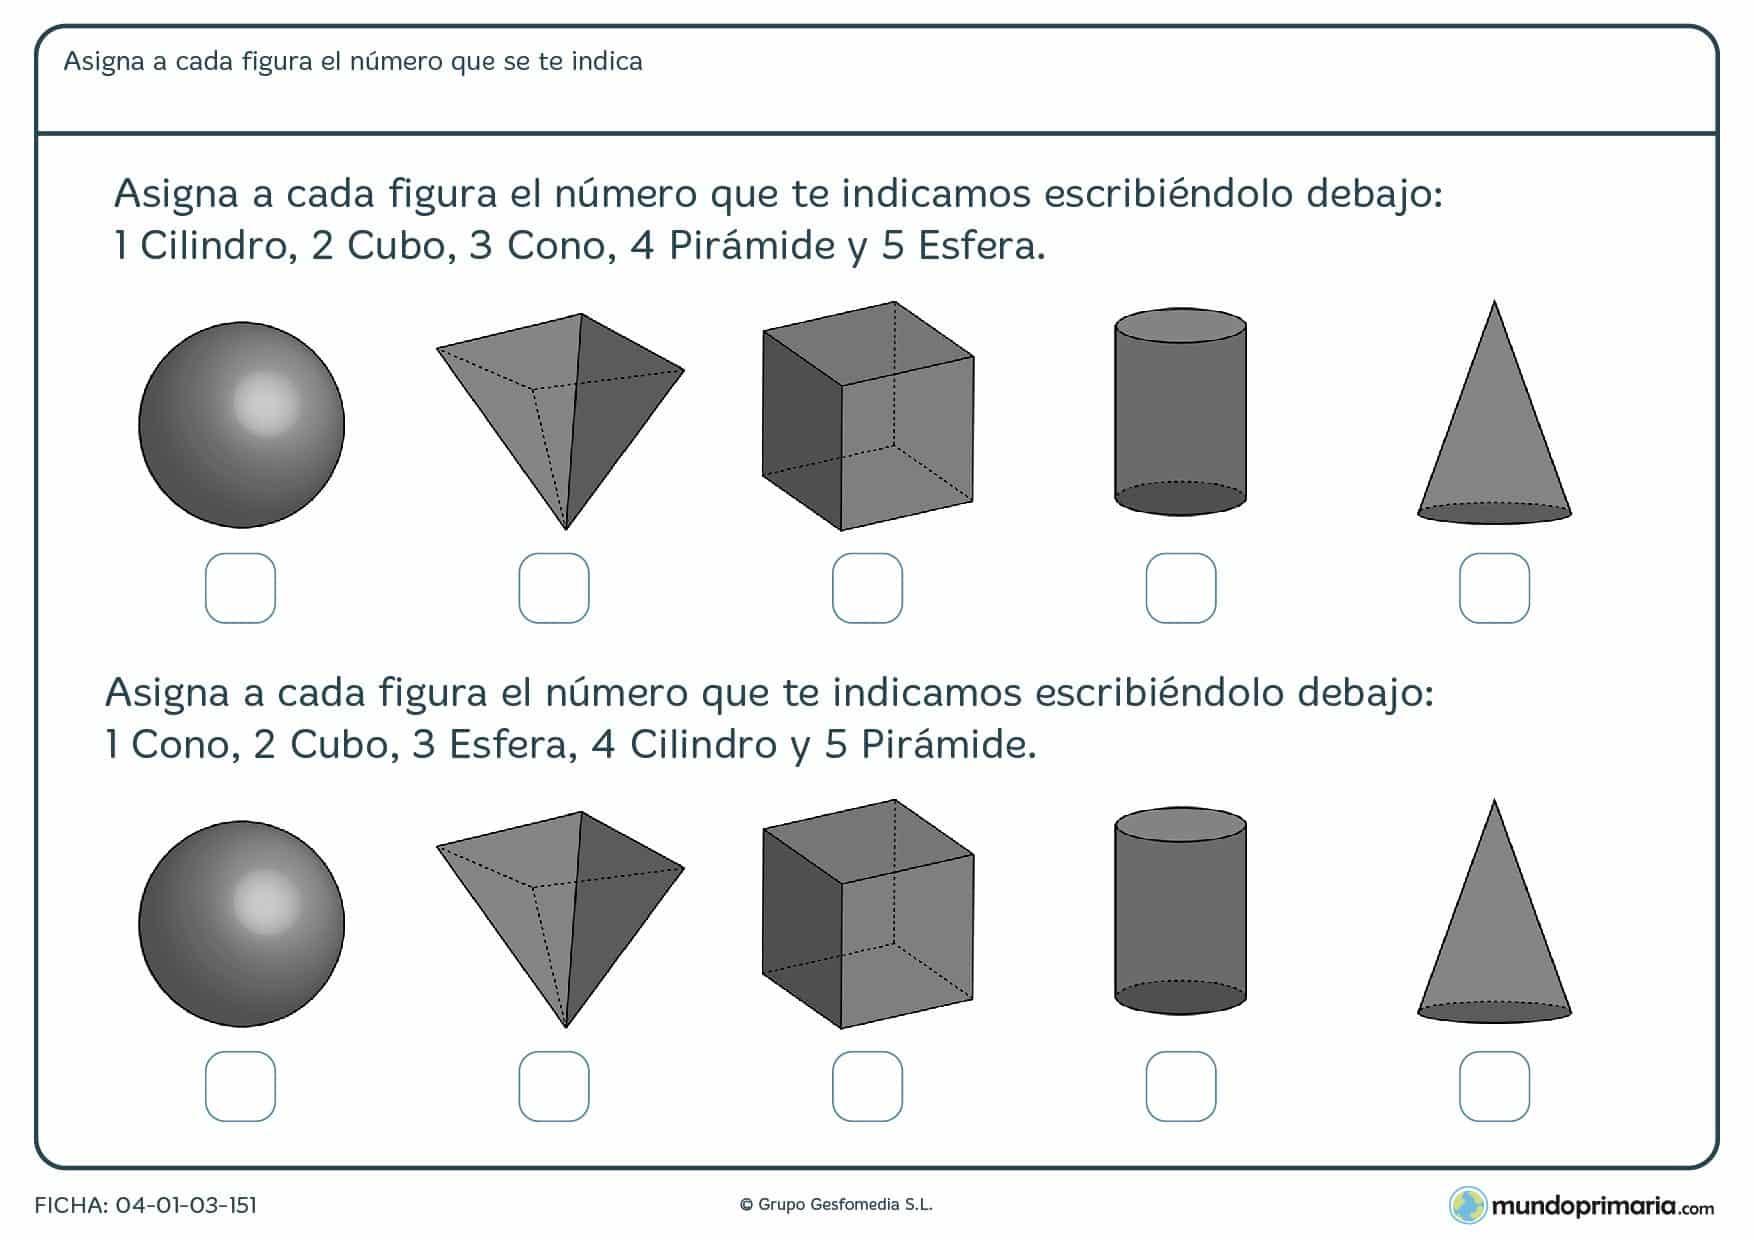 Ficha de conos y otros cuerpos geométricos que deberas clasificar por sus nombres.